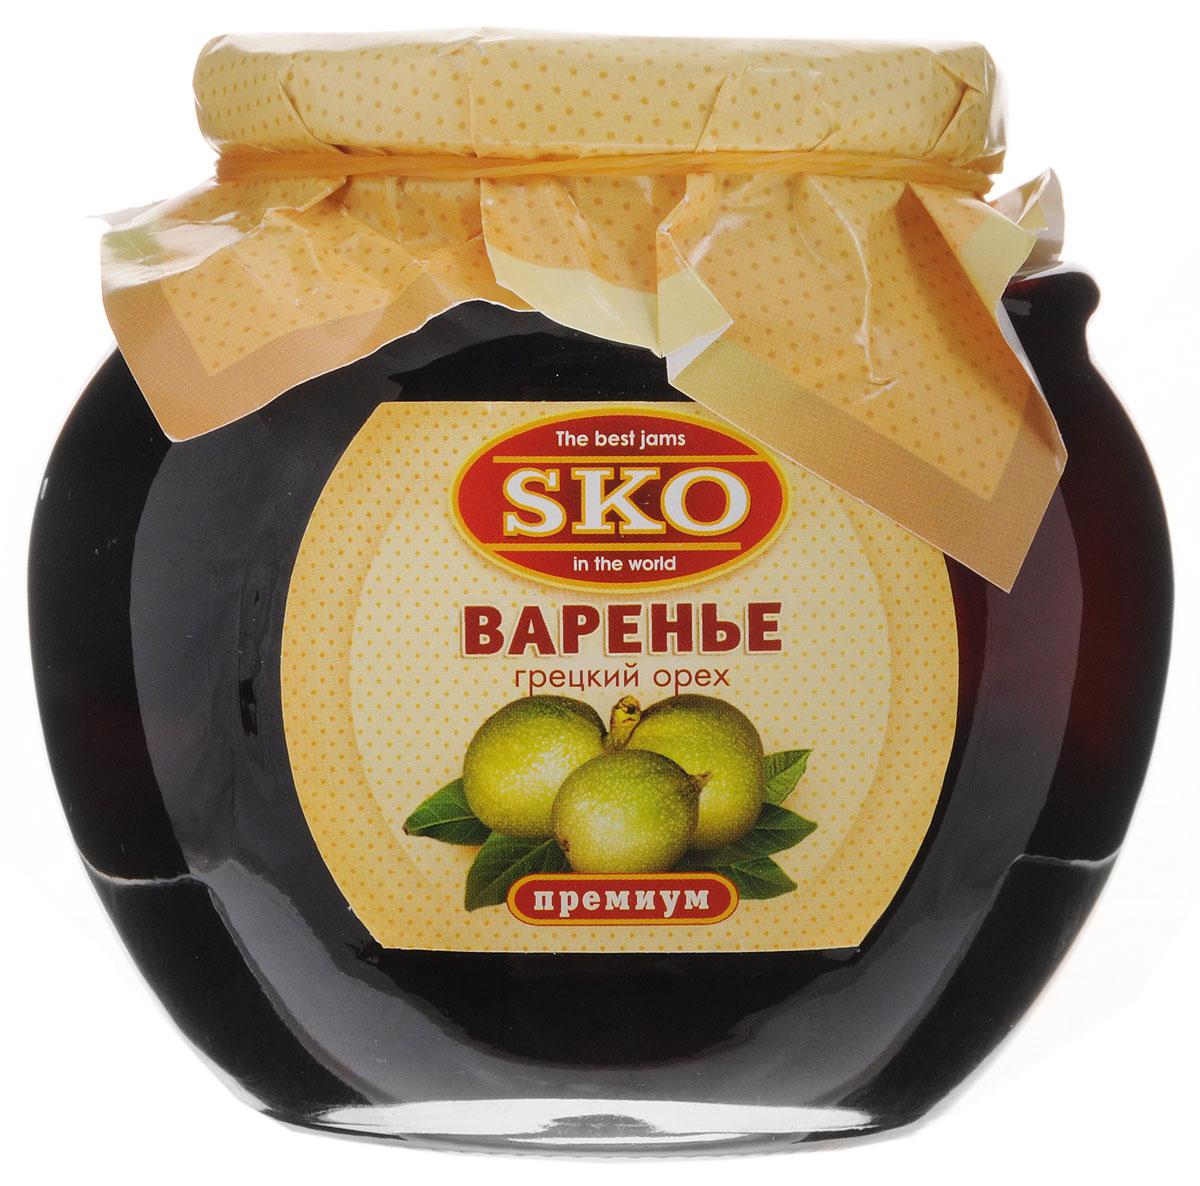 SKO варенье из грецких орехов, 400 г1129Варенье SKO приготовлено по-домашнему рецепту и современным технологиям. Может использоваться для приготовления пирогов, тортов и других разнообразных десертов, а также в качестве самостоятельного лакомства.Варенье из зеленых грецких орехов по праву считают королем варенья. Оно поможет тем, кто часто мучается от головной боли или боли в зубах. Можно употреблять его и при простудных заболеваниях, при усталости, переутомлении, слабости в мышцах, апатии. Улучшает пищеварение, помогает избавиться от глистов, нормализует выработку желудочного сока и помогает избавиться от запоров, благодаря своим слабительным свойствам.